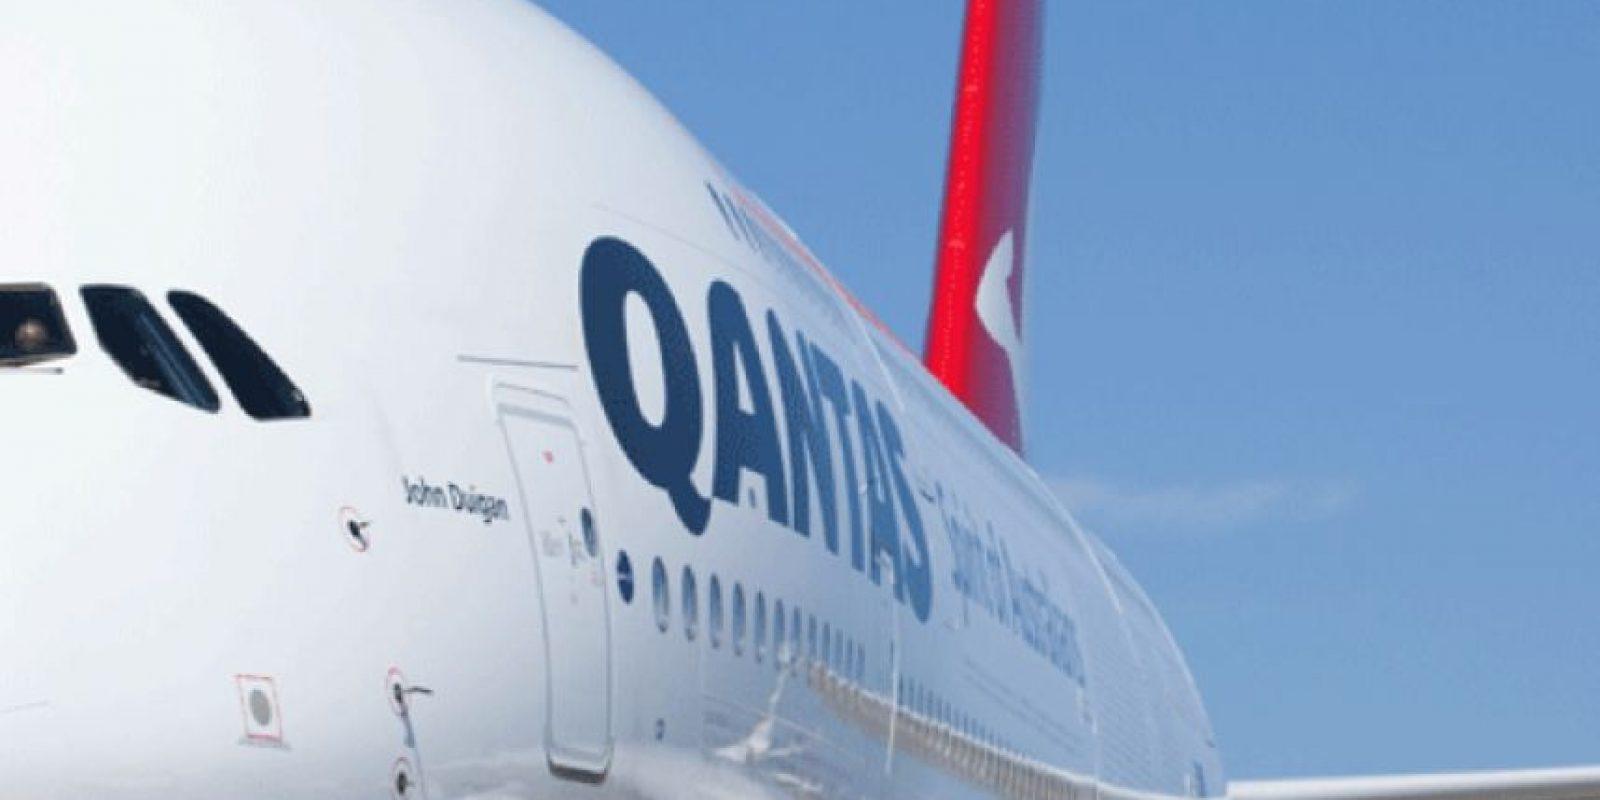 Quantas- Australia Foto:Vía Facebook.com/Qantas